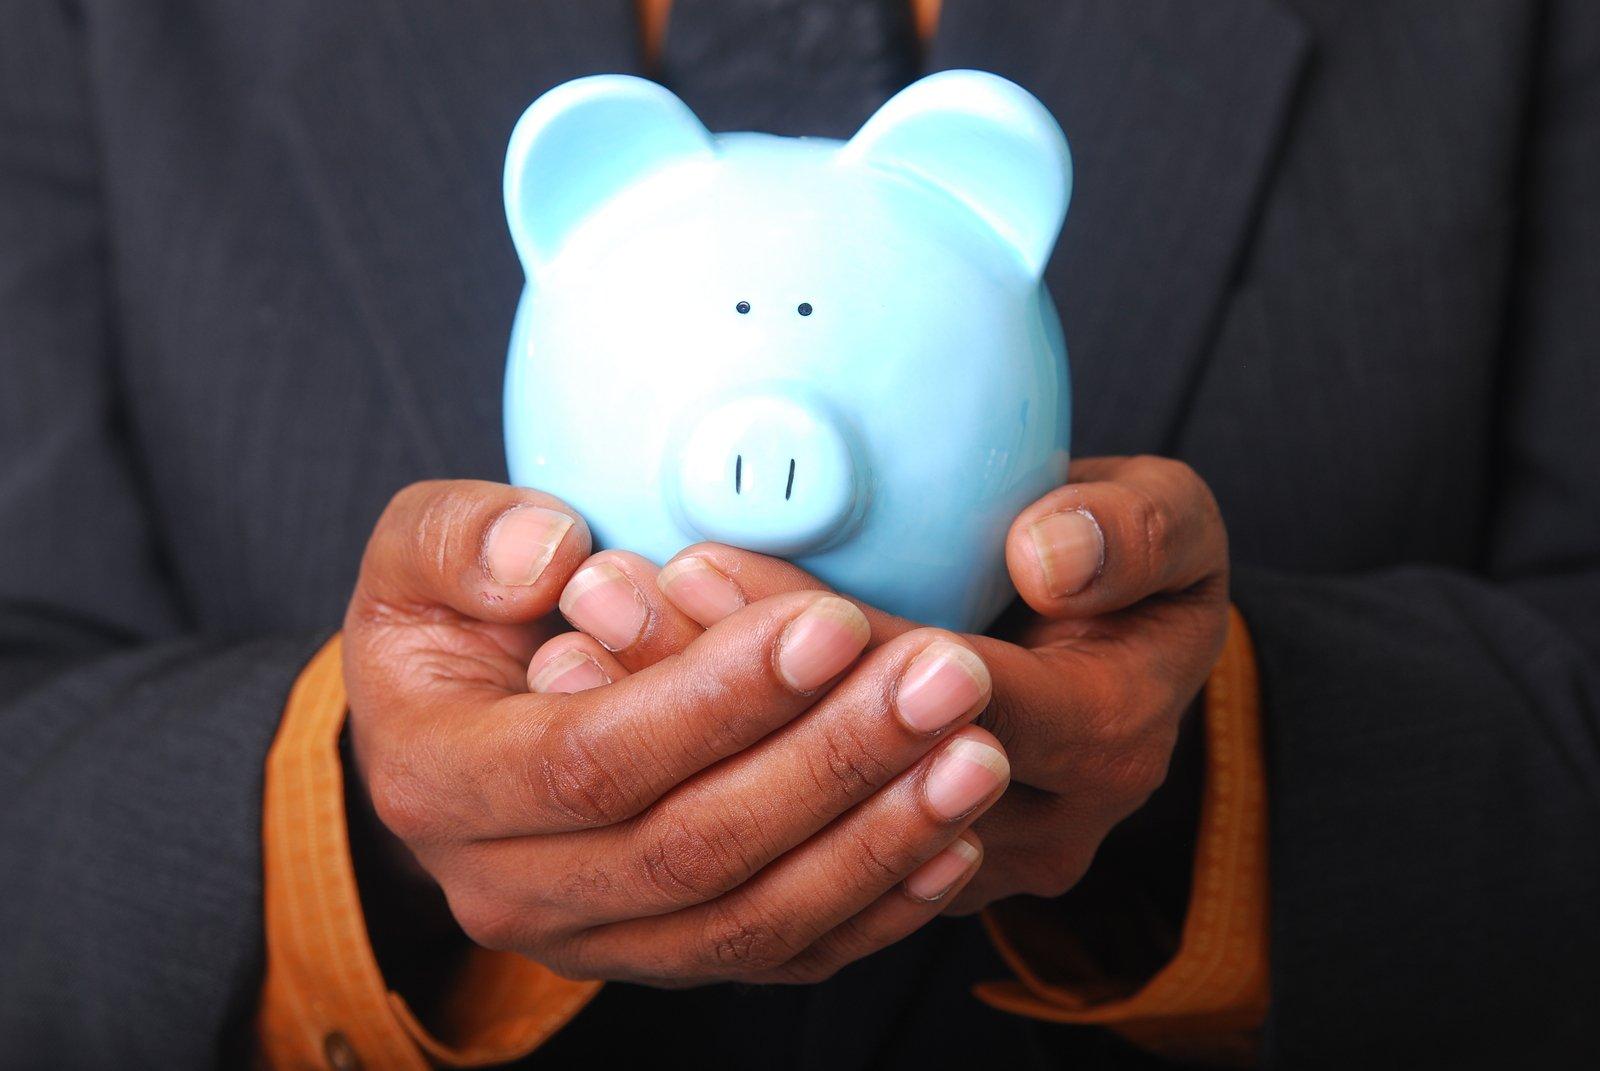 modré prasátko (pokladnička) v dlaních muže v tmavém obleku